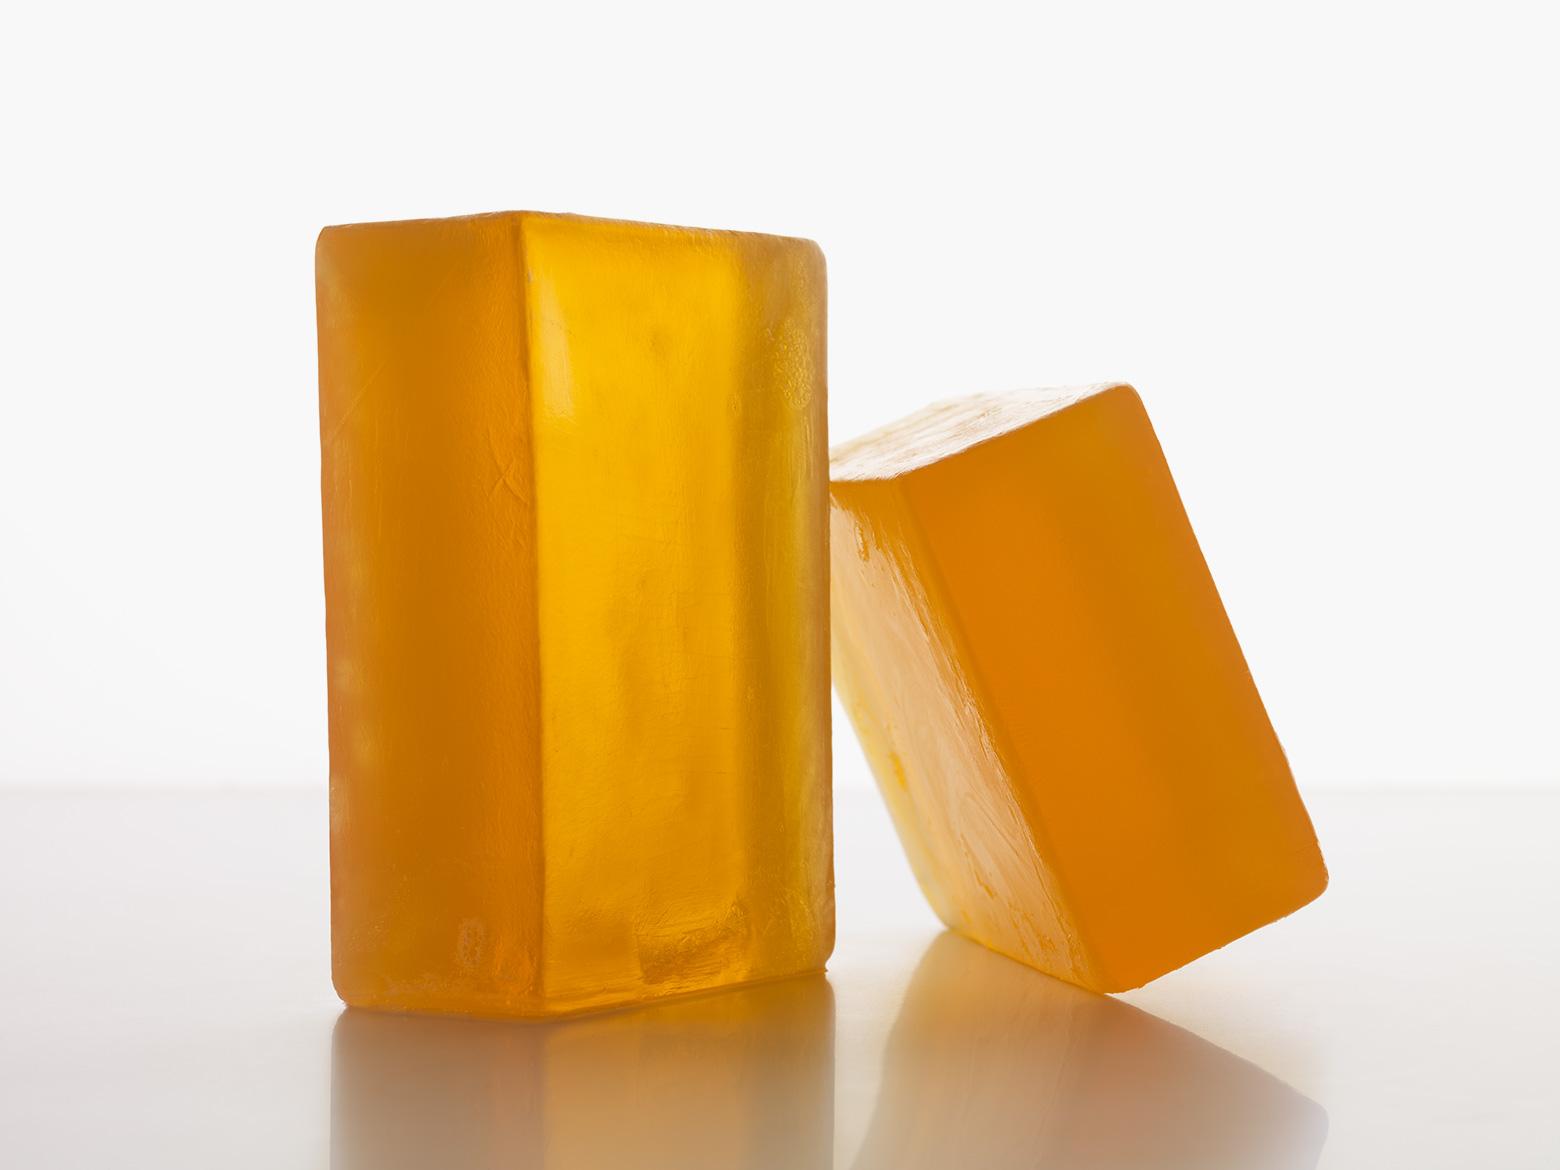 2.SP-R Thumb Soap -close-up_070-no-adj.jpg